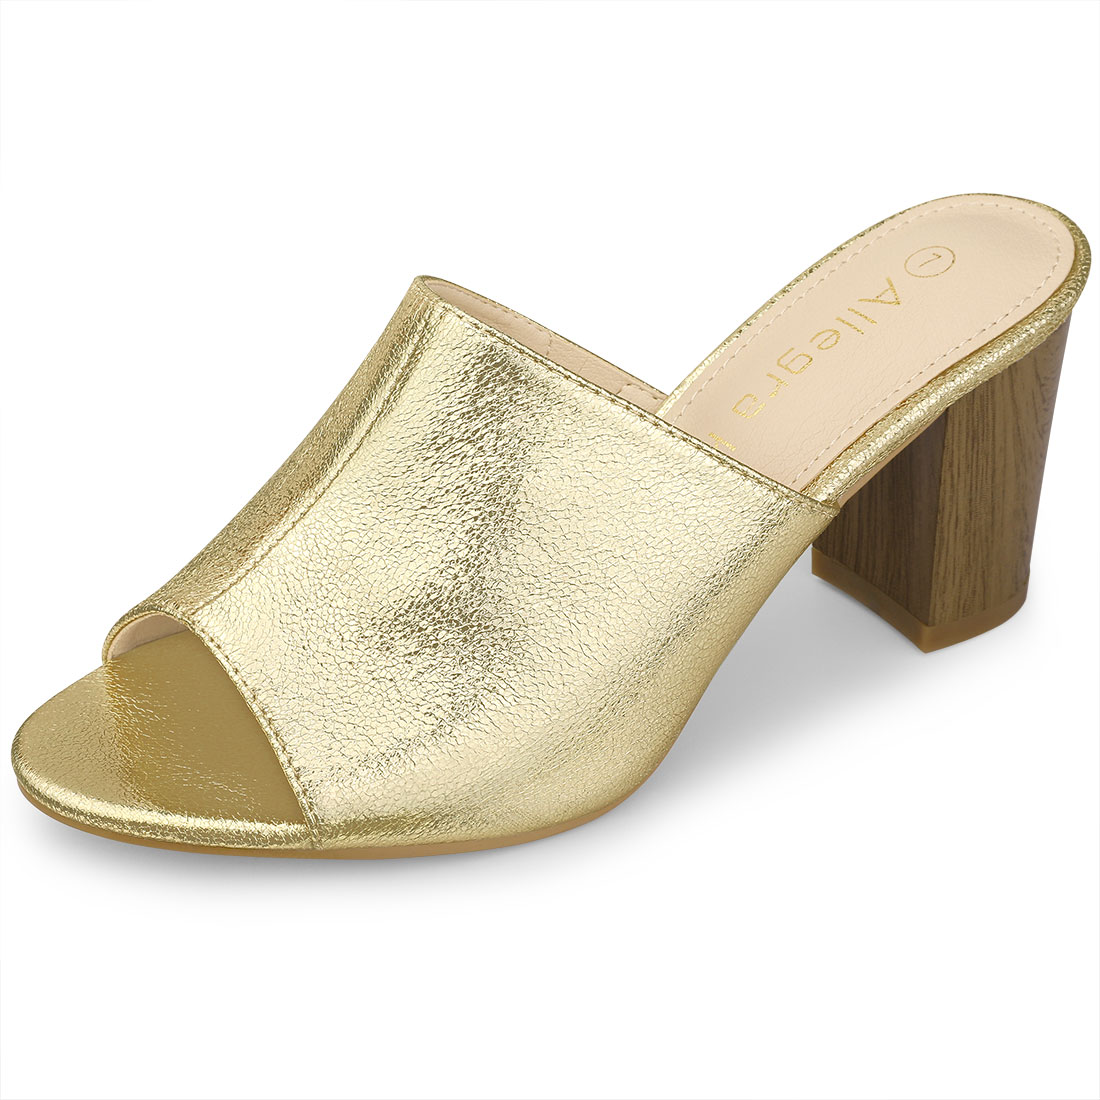 Allegra K Women's Open Toe Slide Chunky Metallic Heels Sandals Gold US 7